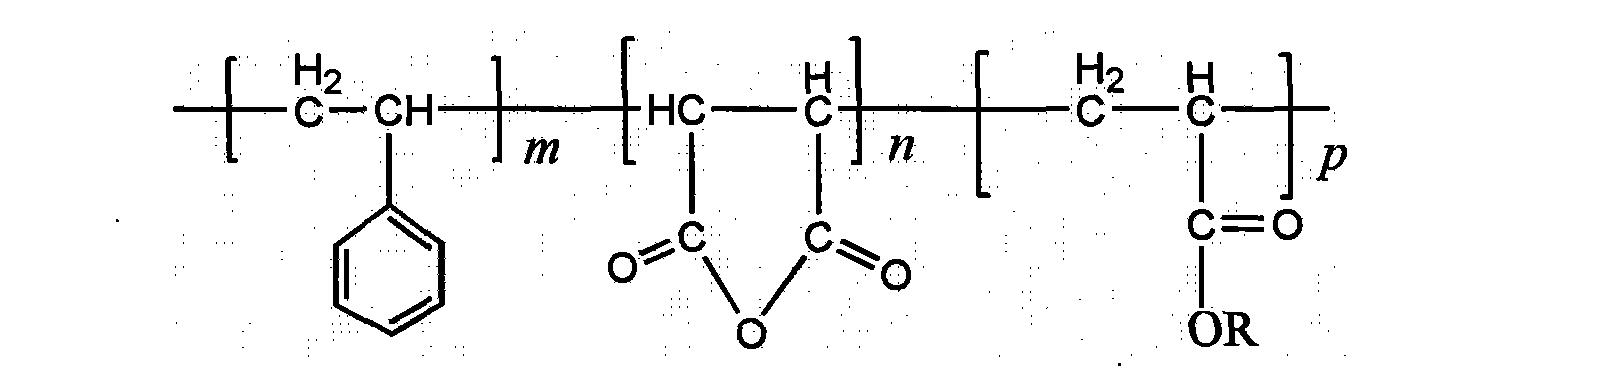 1粘结强度差分子结构决定它主要是物理吸附